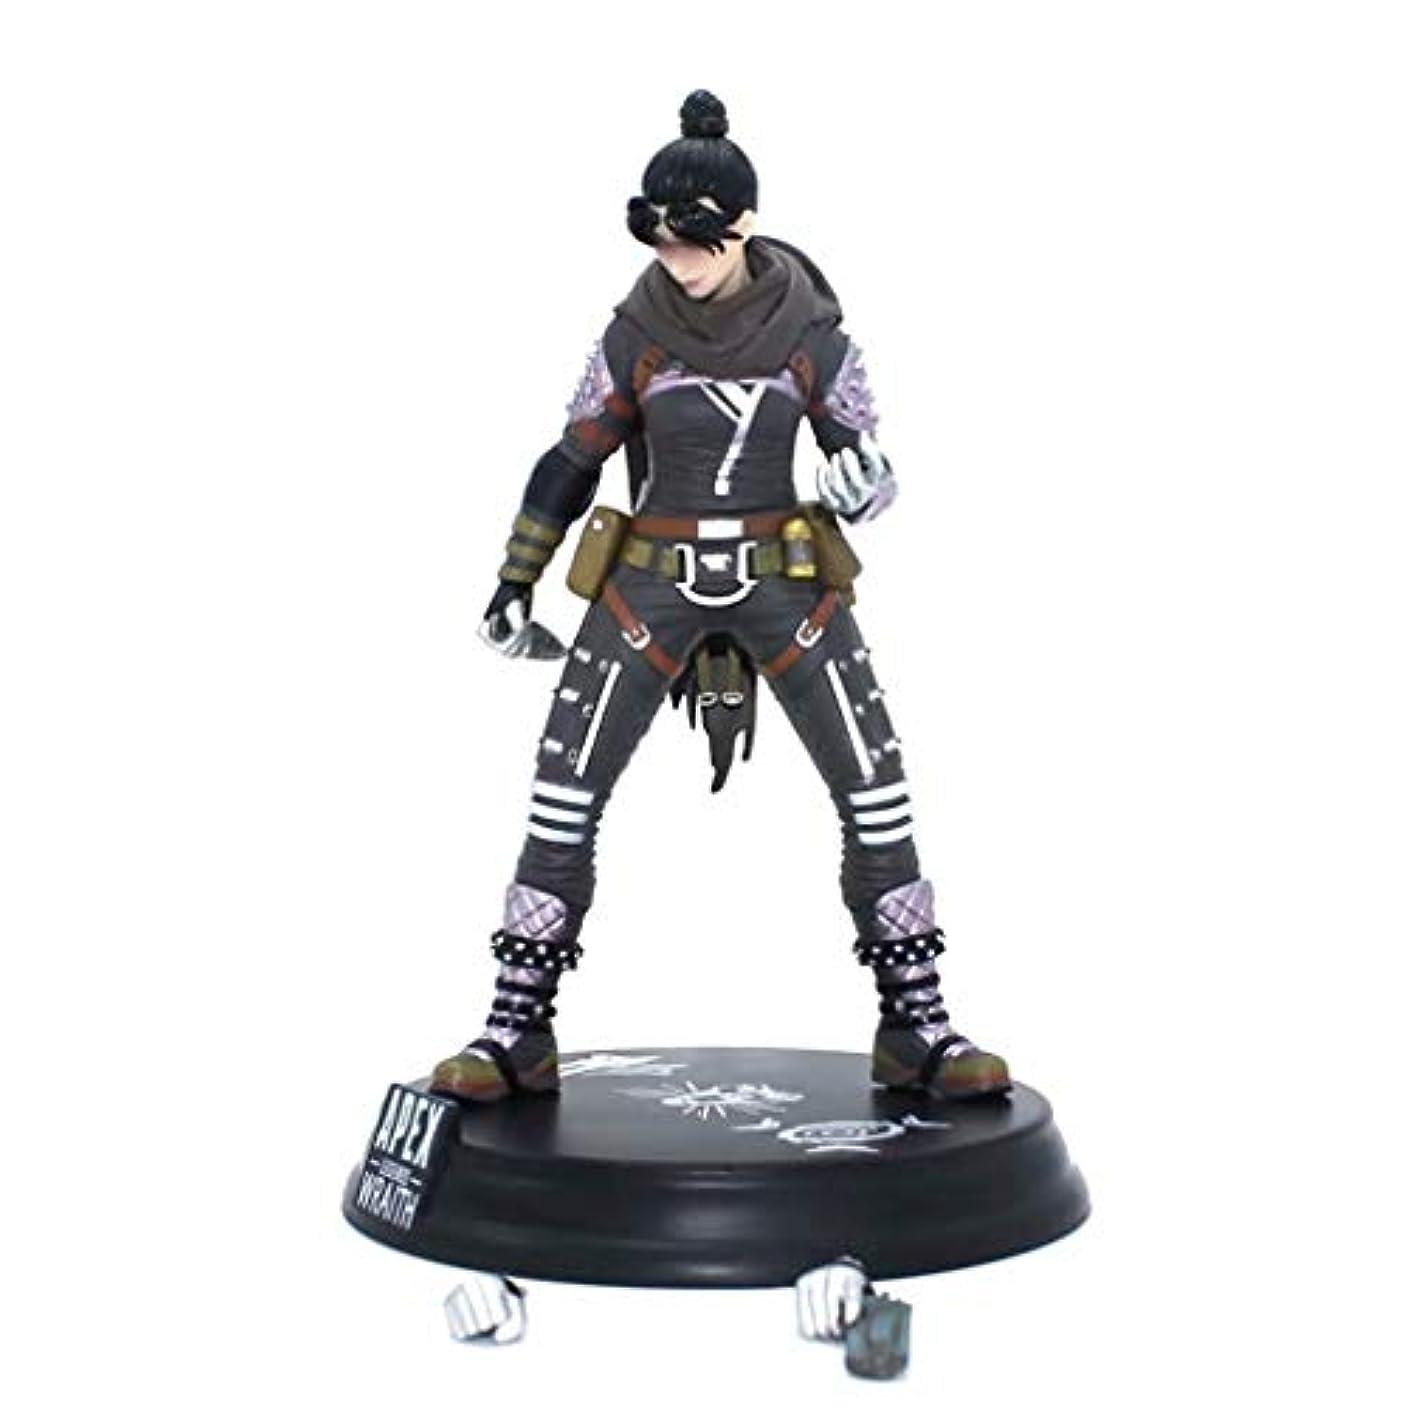 不忠それに応じて薬ゲームモデル、PVC製子供のおもちゃコレクションの像、デスクトップの装飾的なおもちゃ像のおもちゃのモデル、APEXのヒーロー(24cm) SHWSM